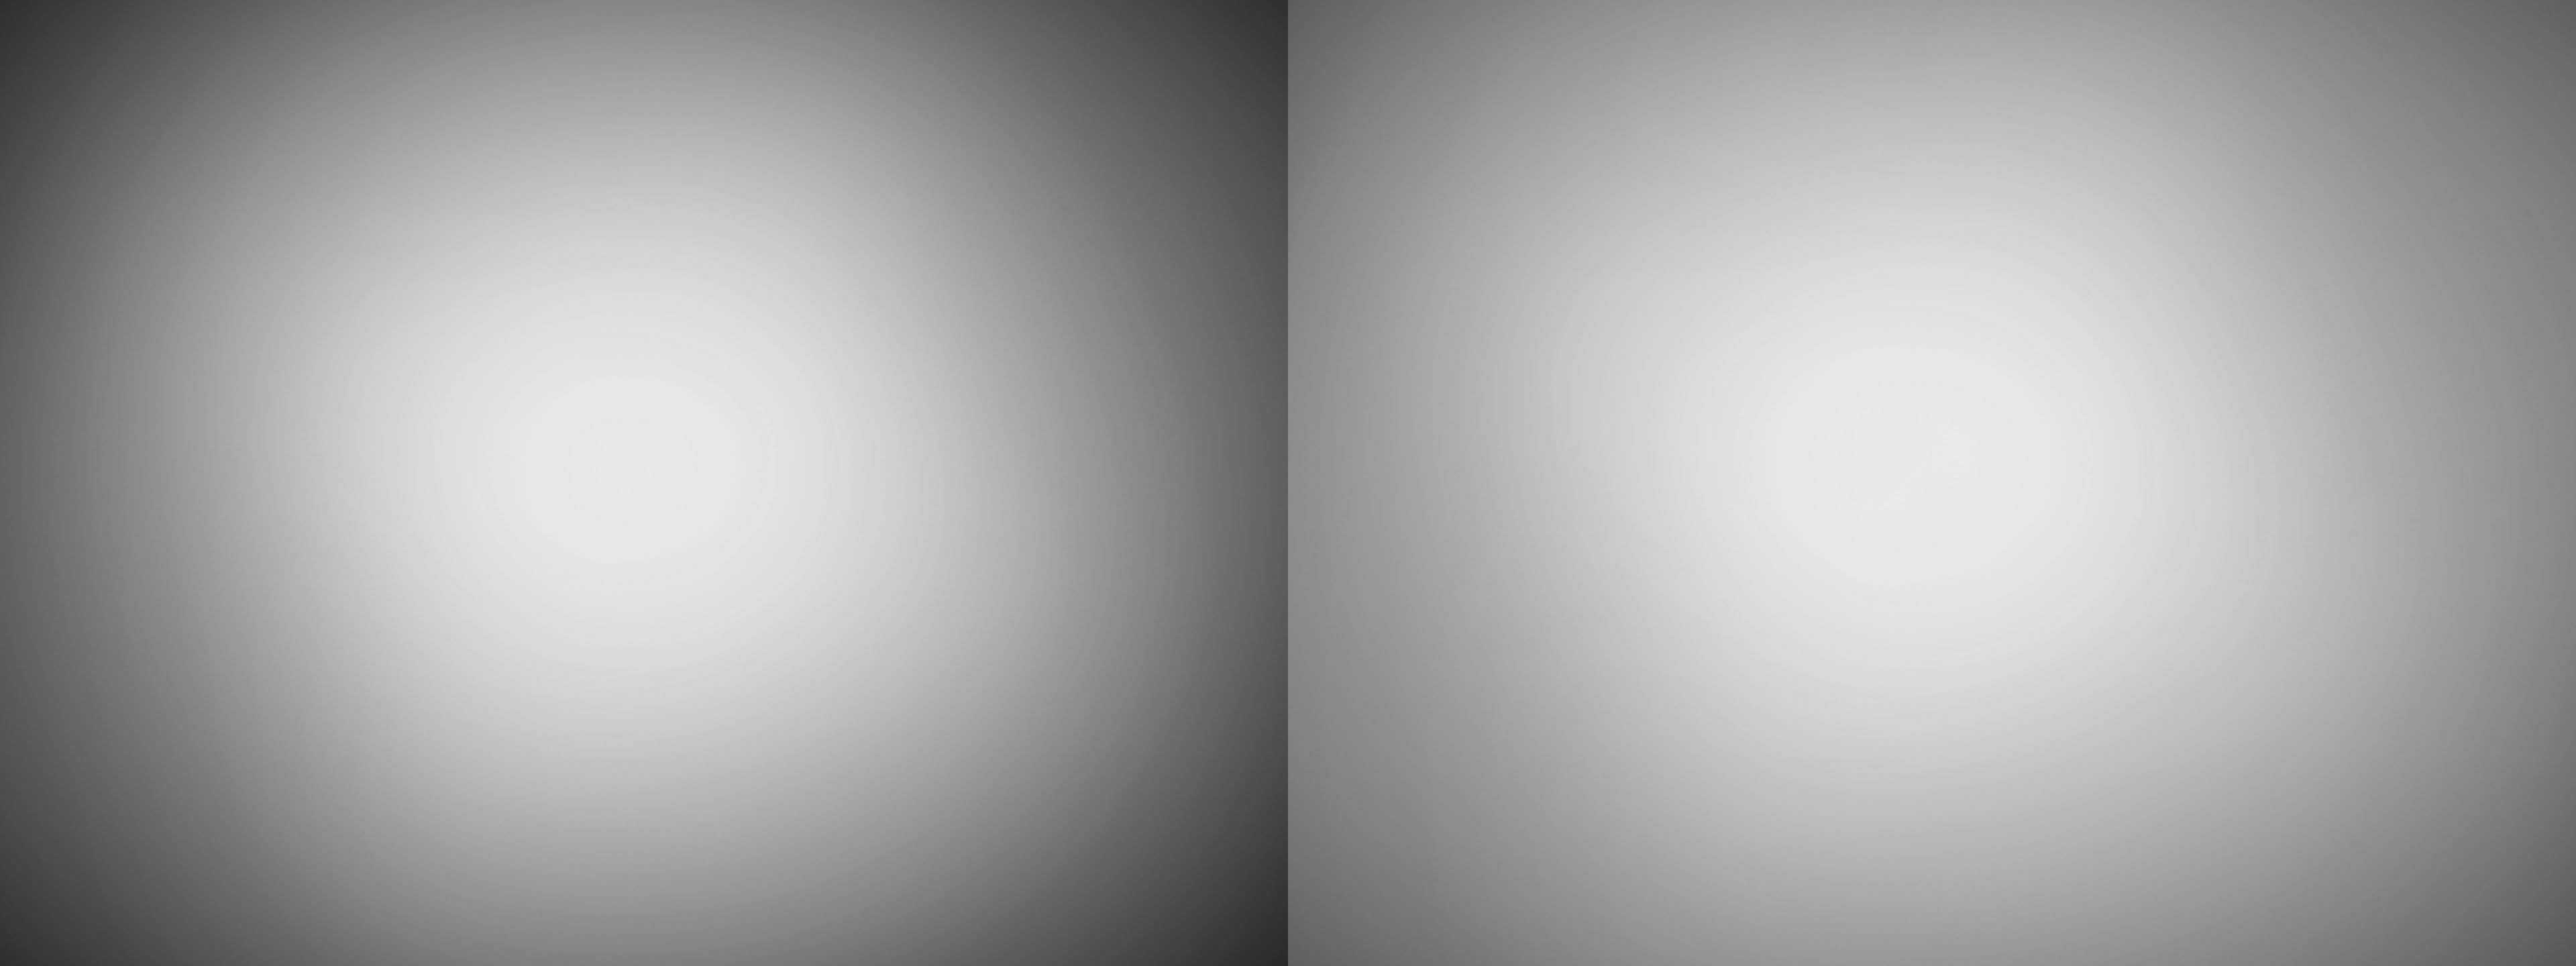 Lichtafval van de Fujifilm GF 30mm F3.5 R WR op volle opening met en zonder lenscorrecties.